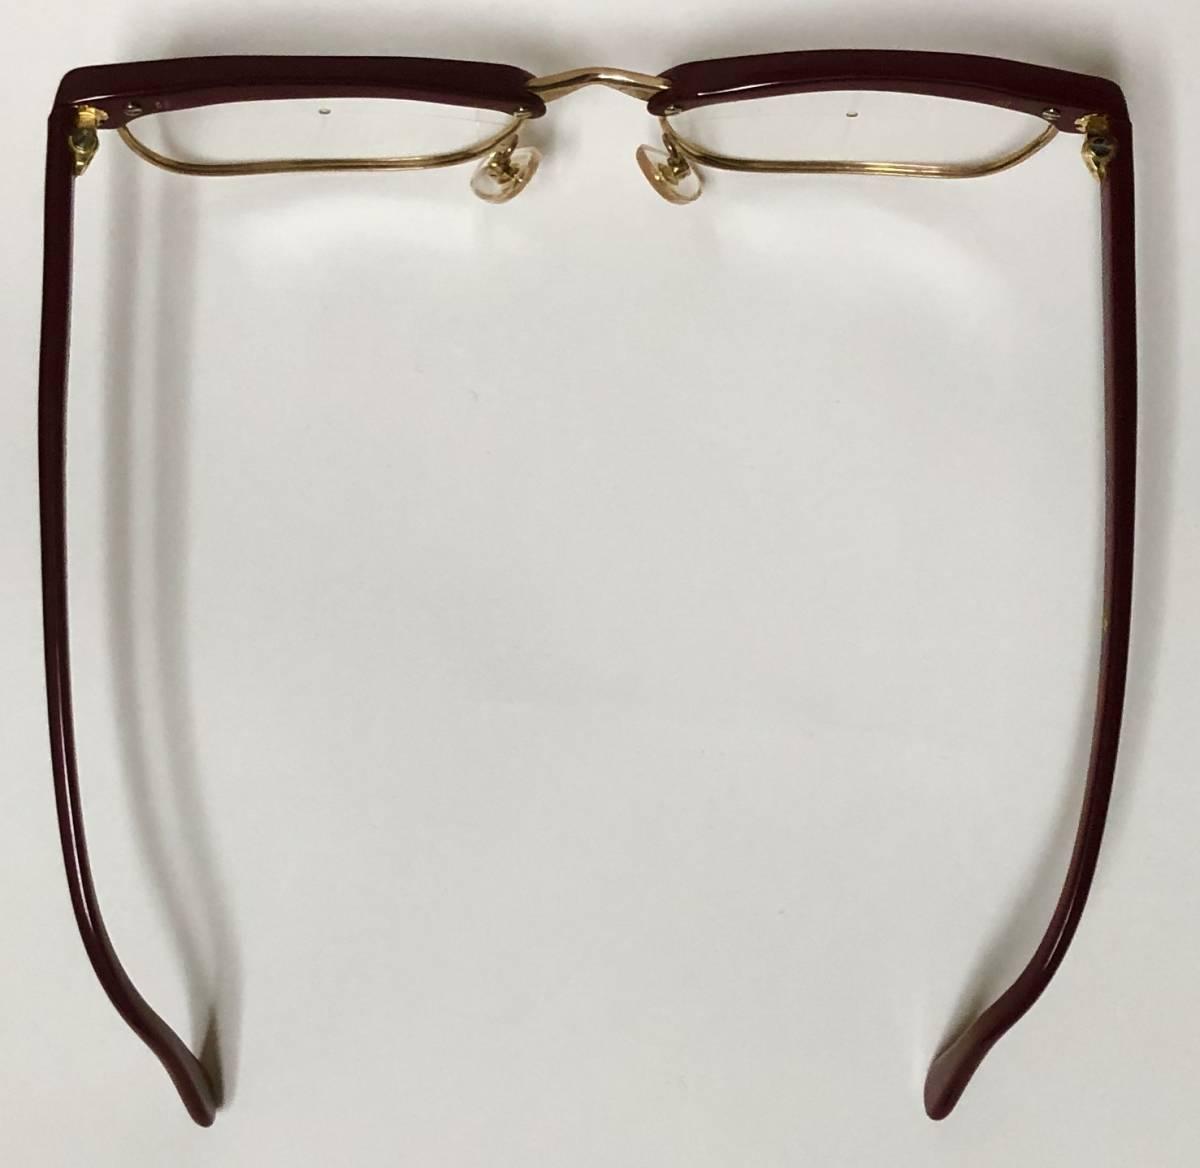 1960年代・新品】西ドイツ製ローデンストック 純正 Rodenstock 12K金張 ベッティーナ 赤茶色145サイズ メガネ_画像5